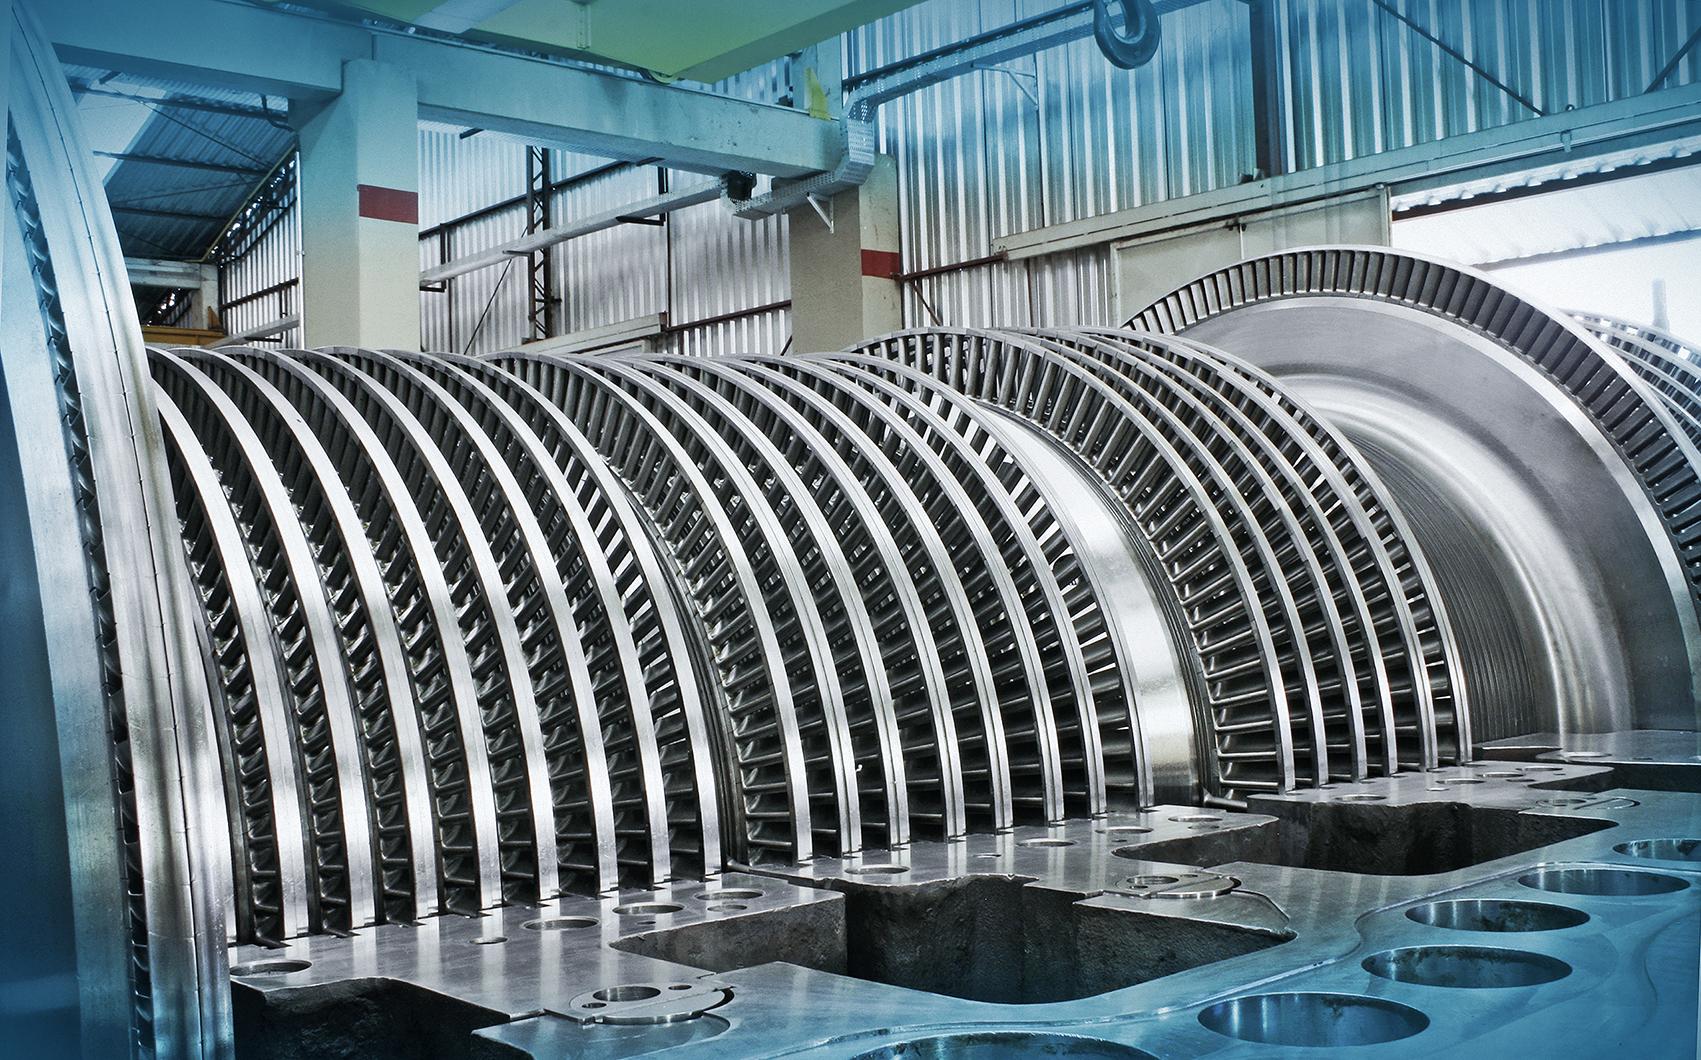 weg turbina 4 polos tecnologia cerradão